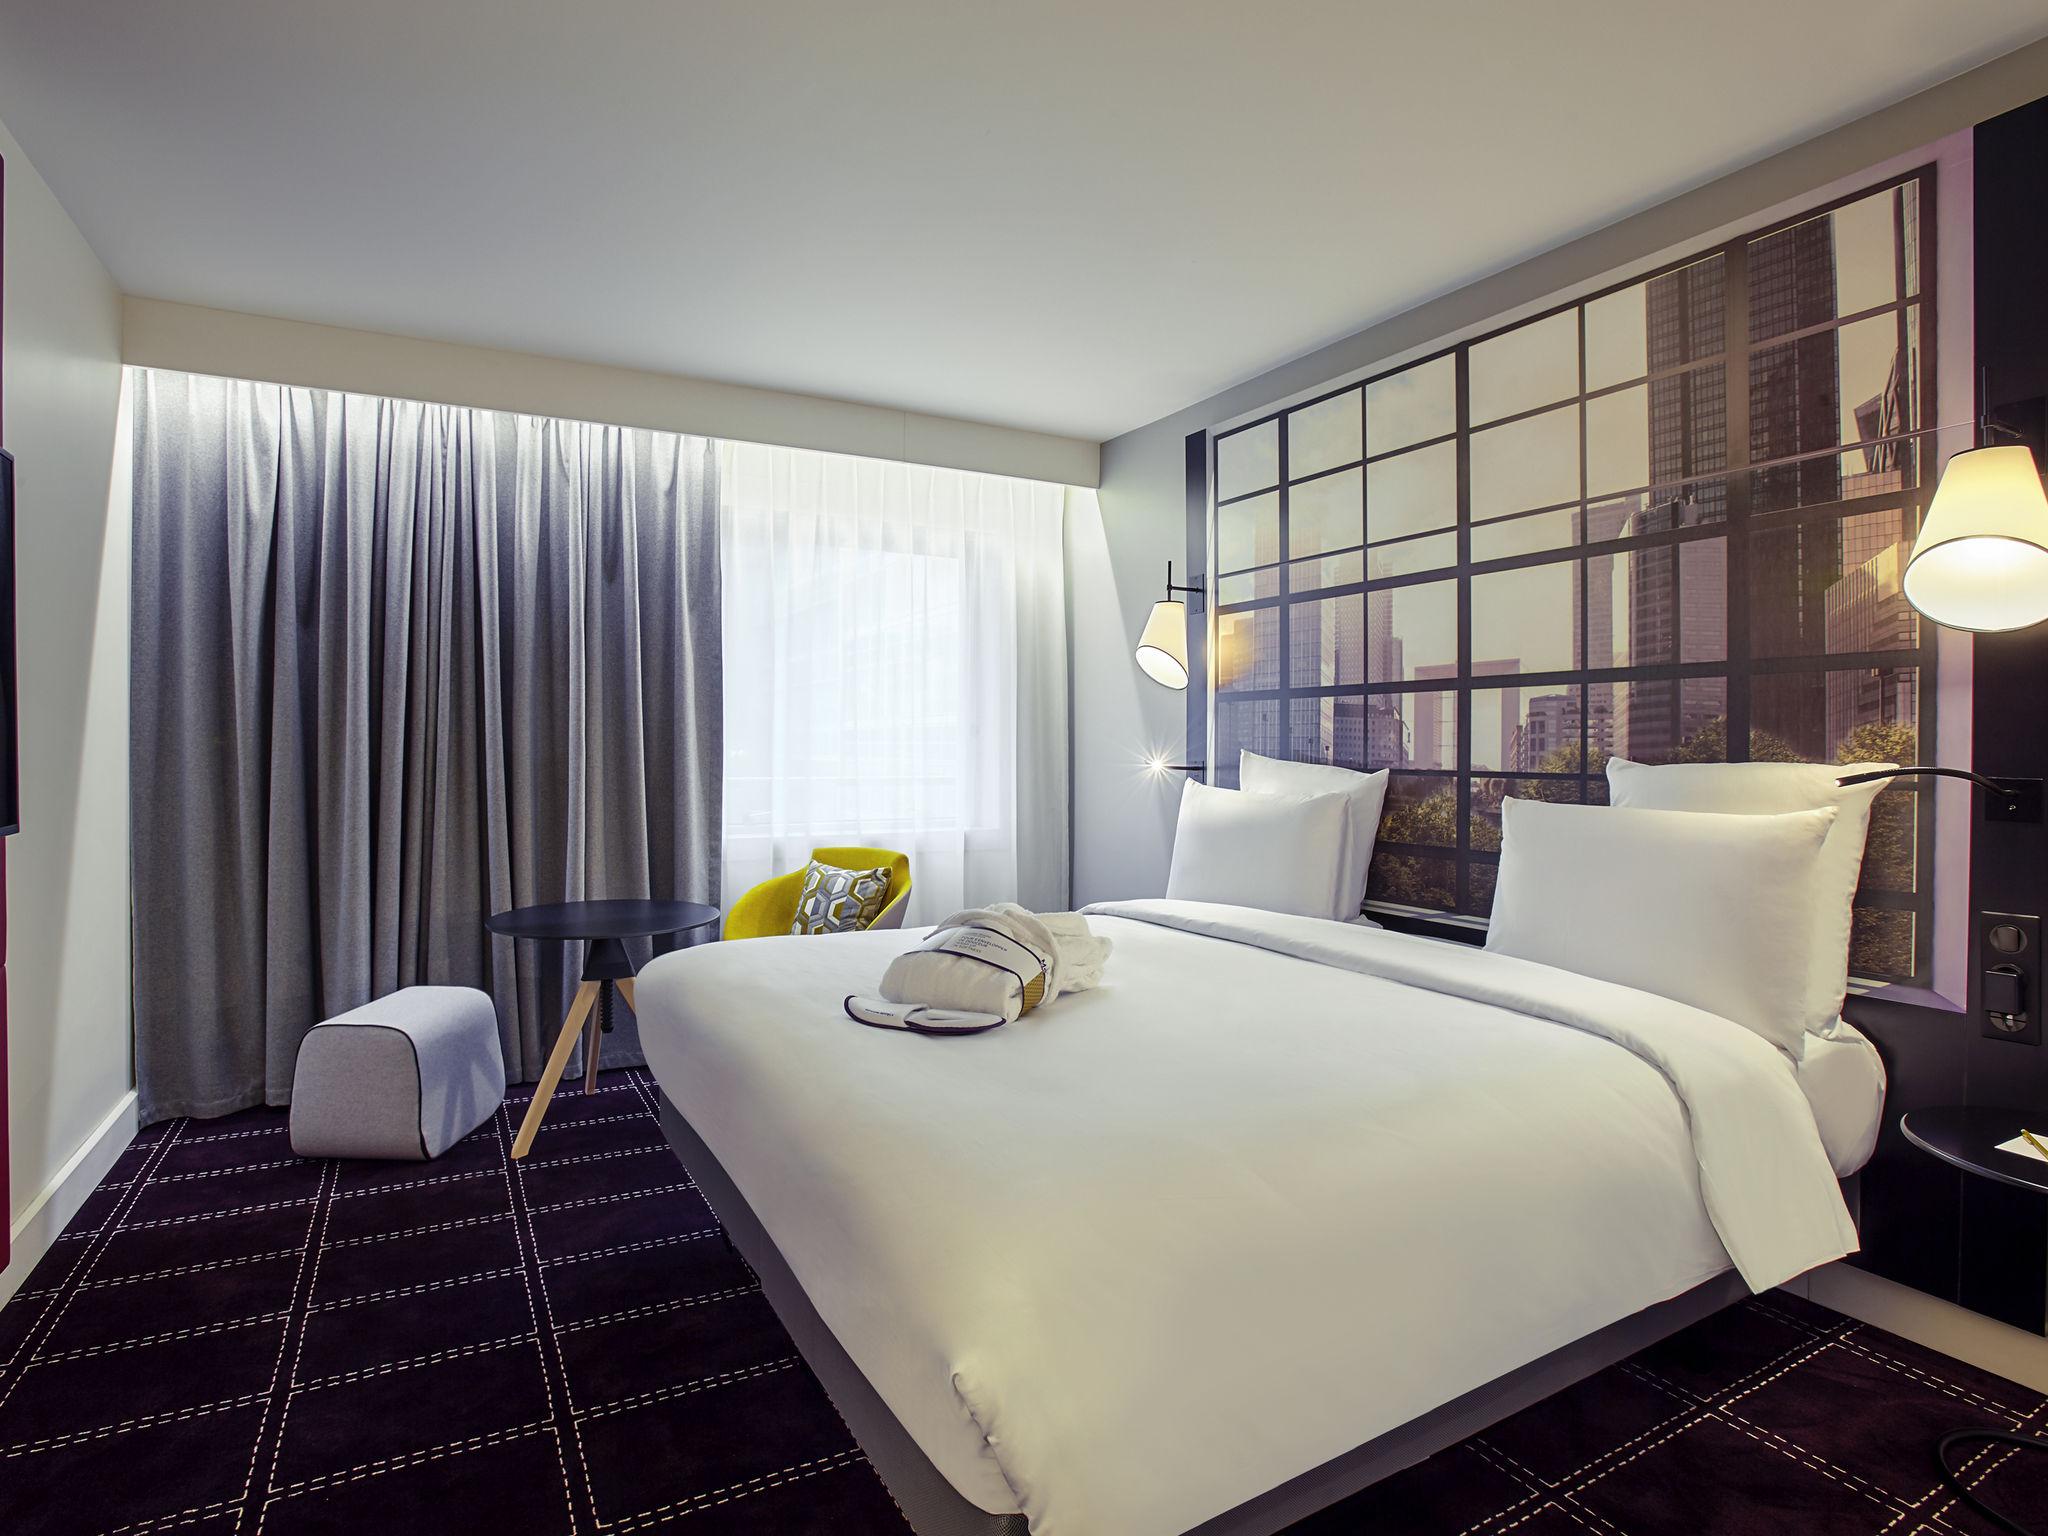 Отель — Отель и Резиденция Mercure Париж Большая арка Дефанс